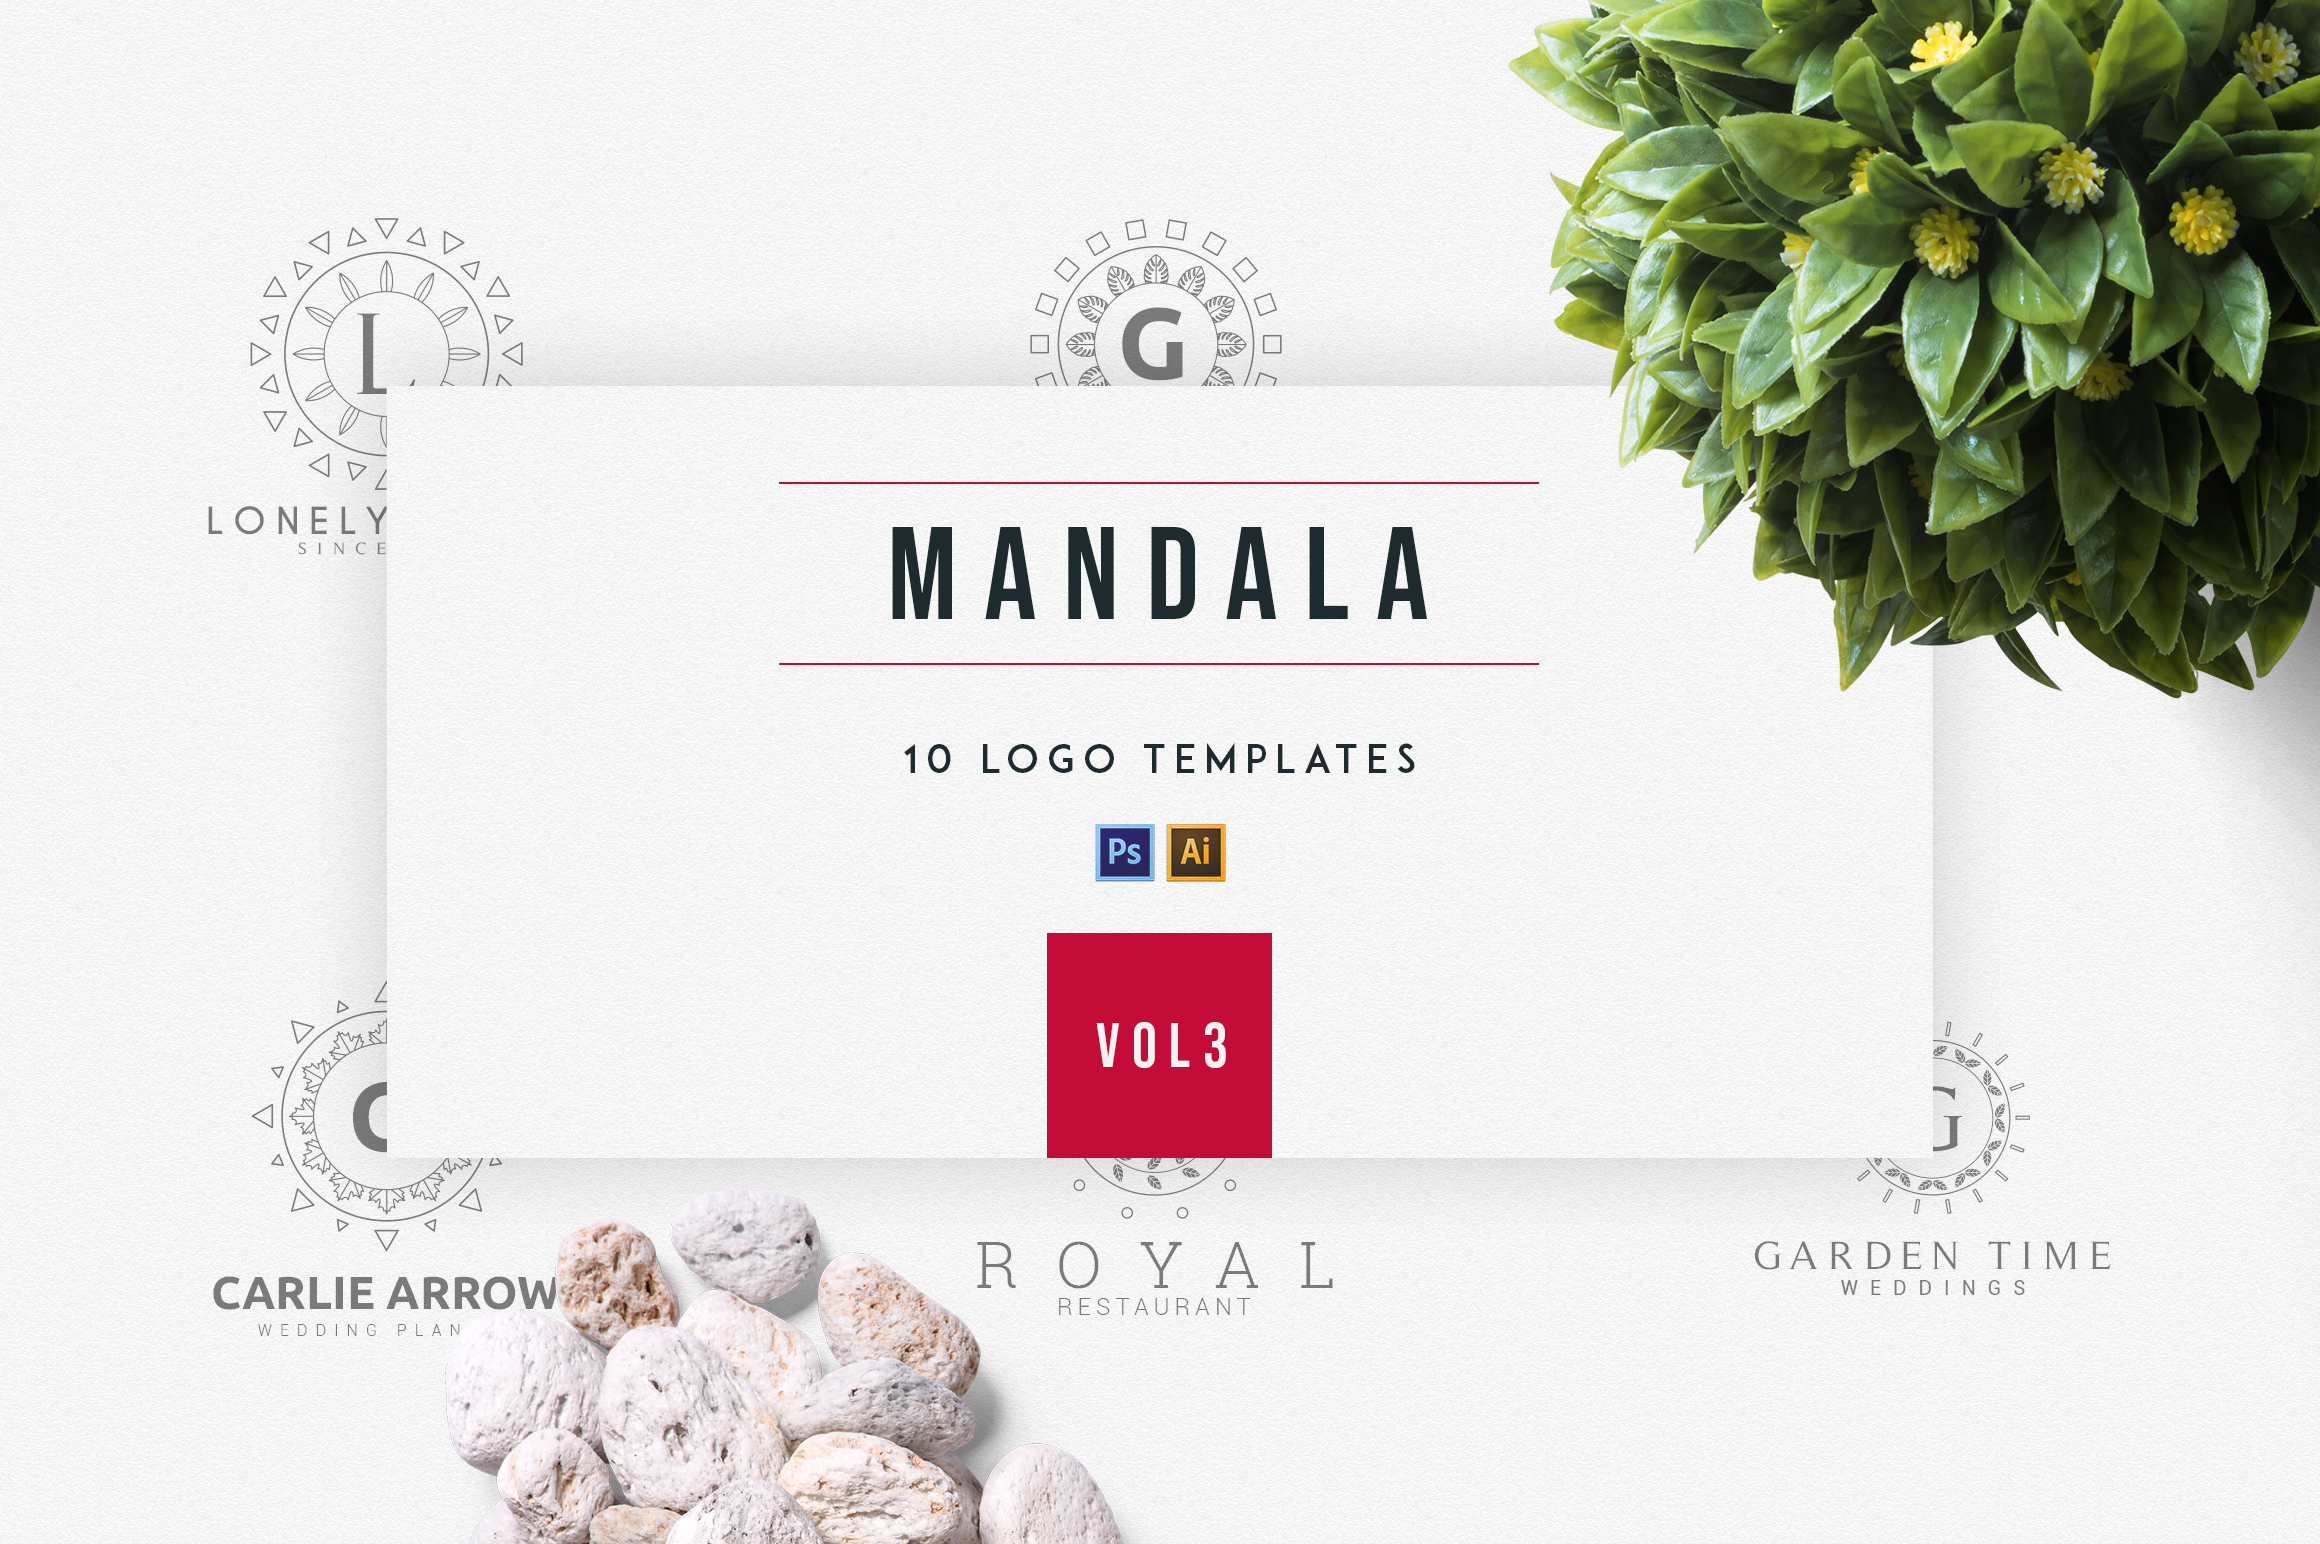 Mandala |vol.3 example image 1